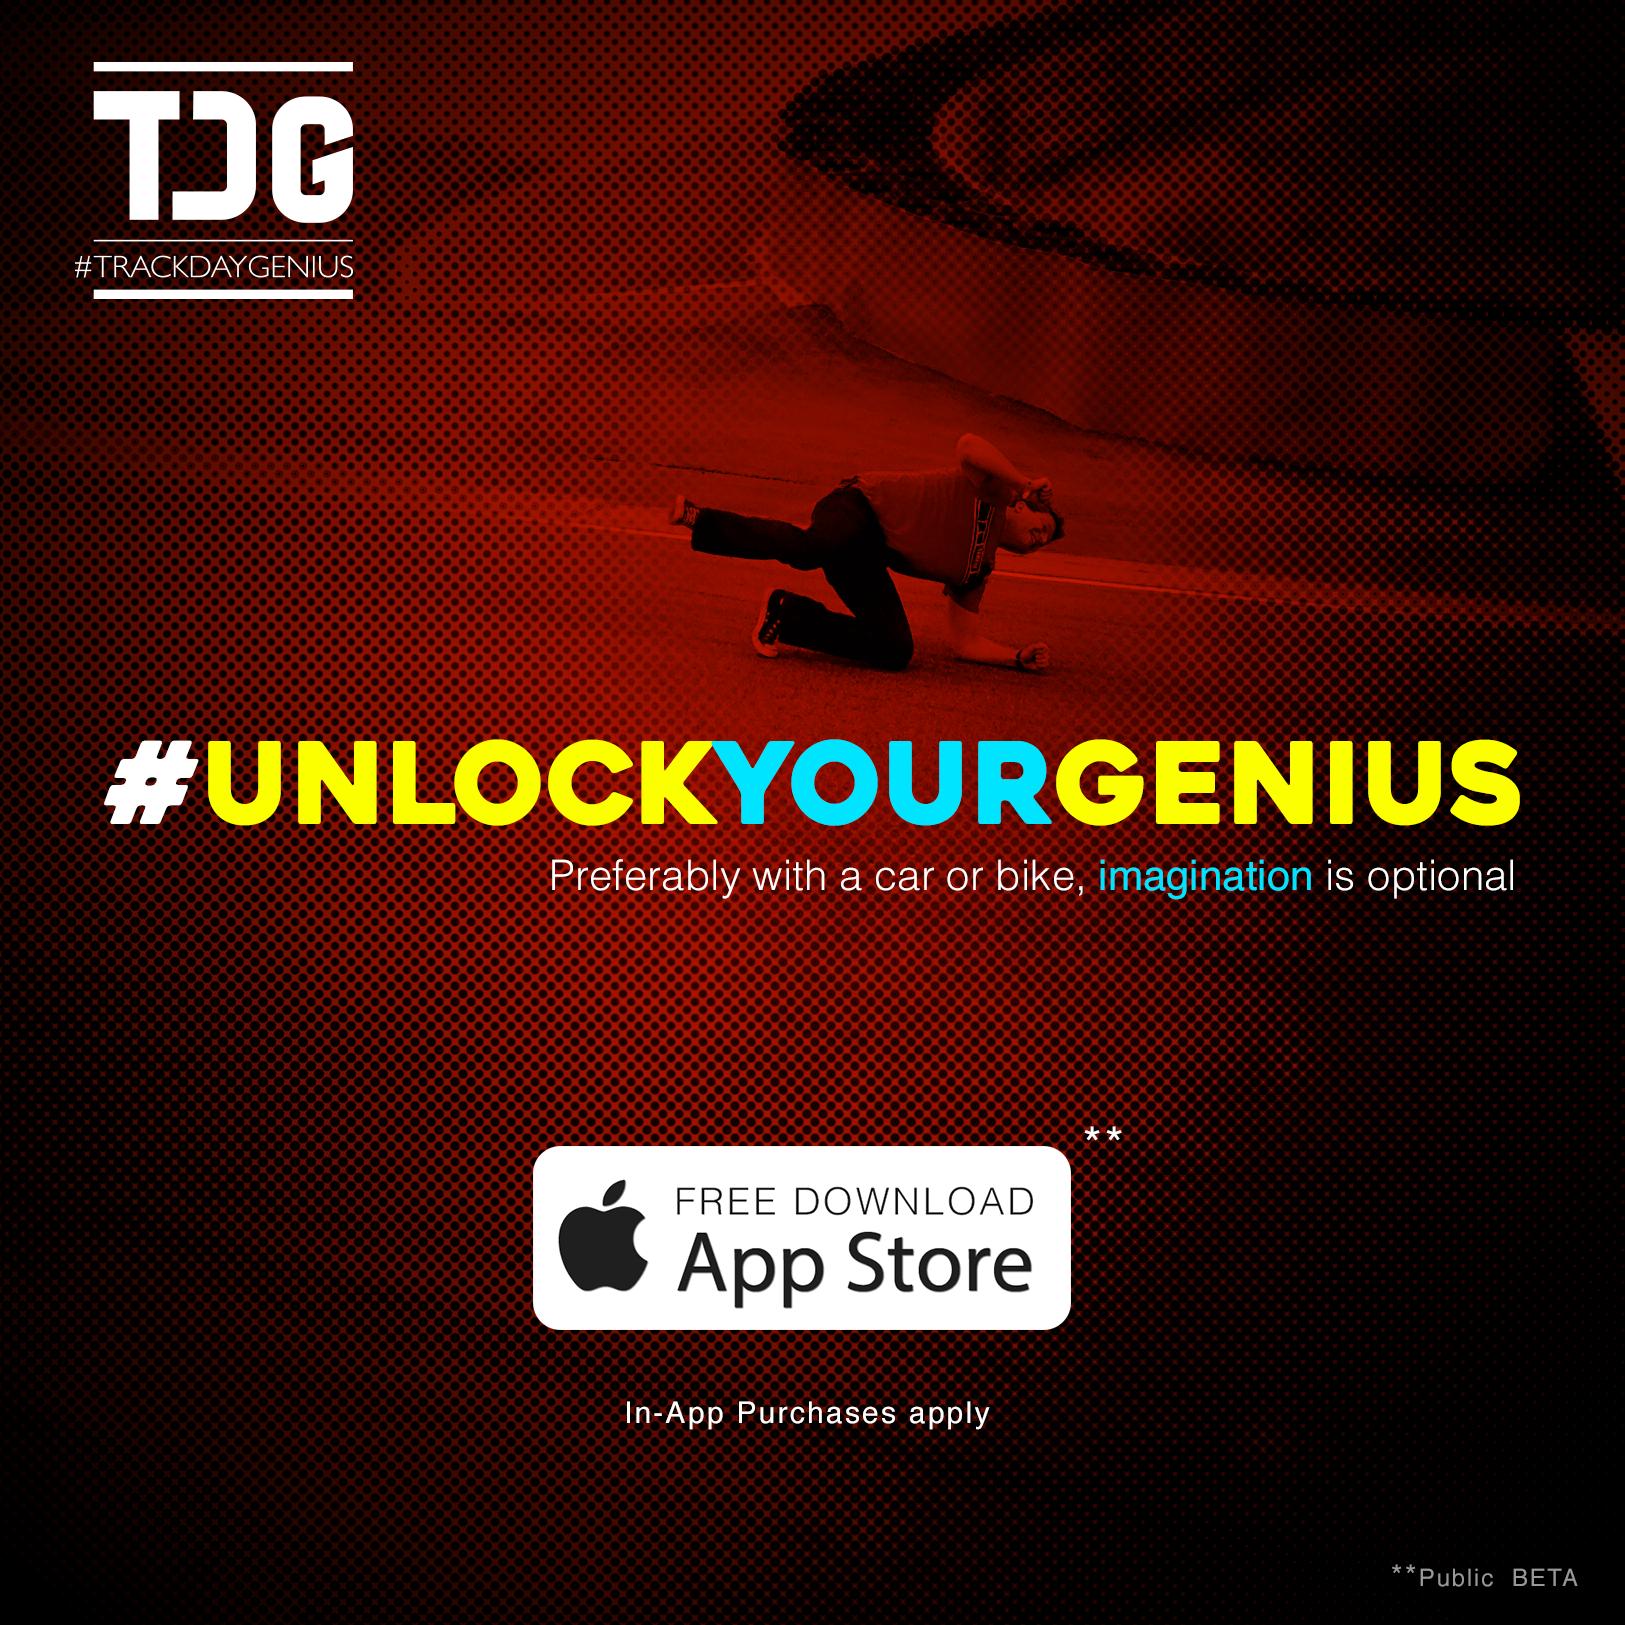 tdg-hashTag-unlockYourGenius-sq